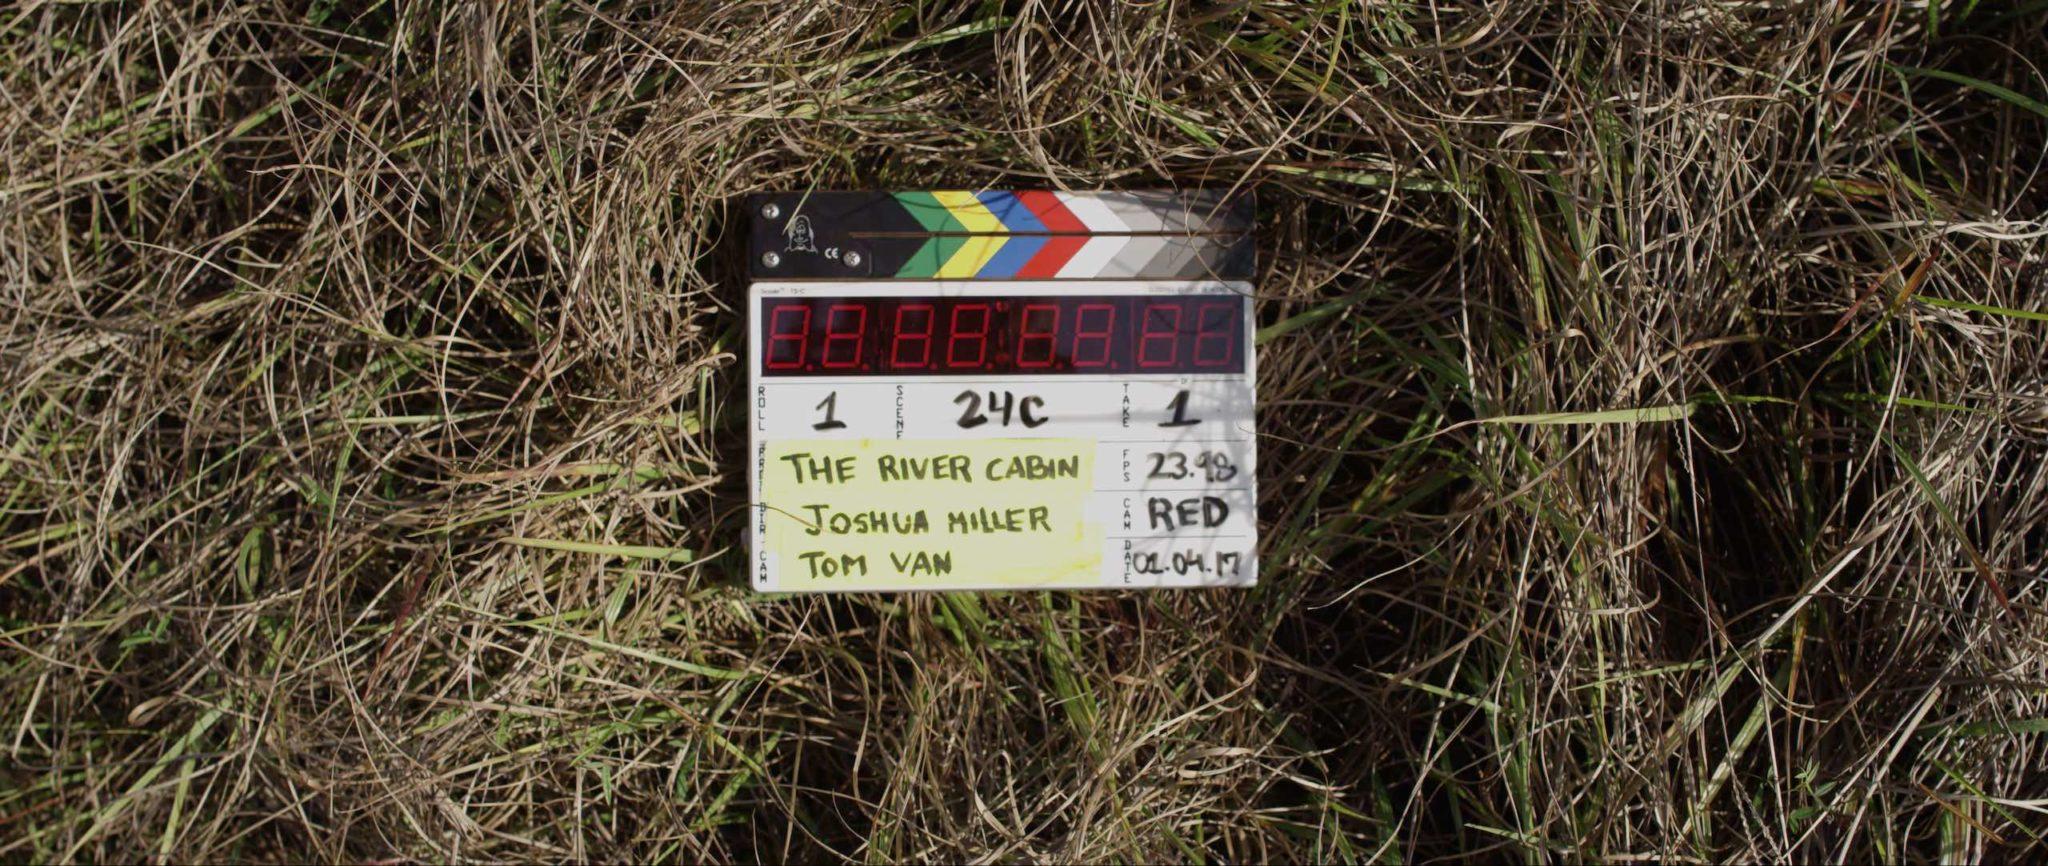 The River Cabin Film